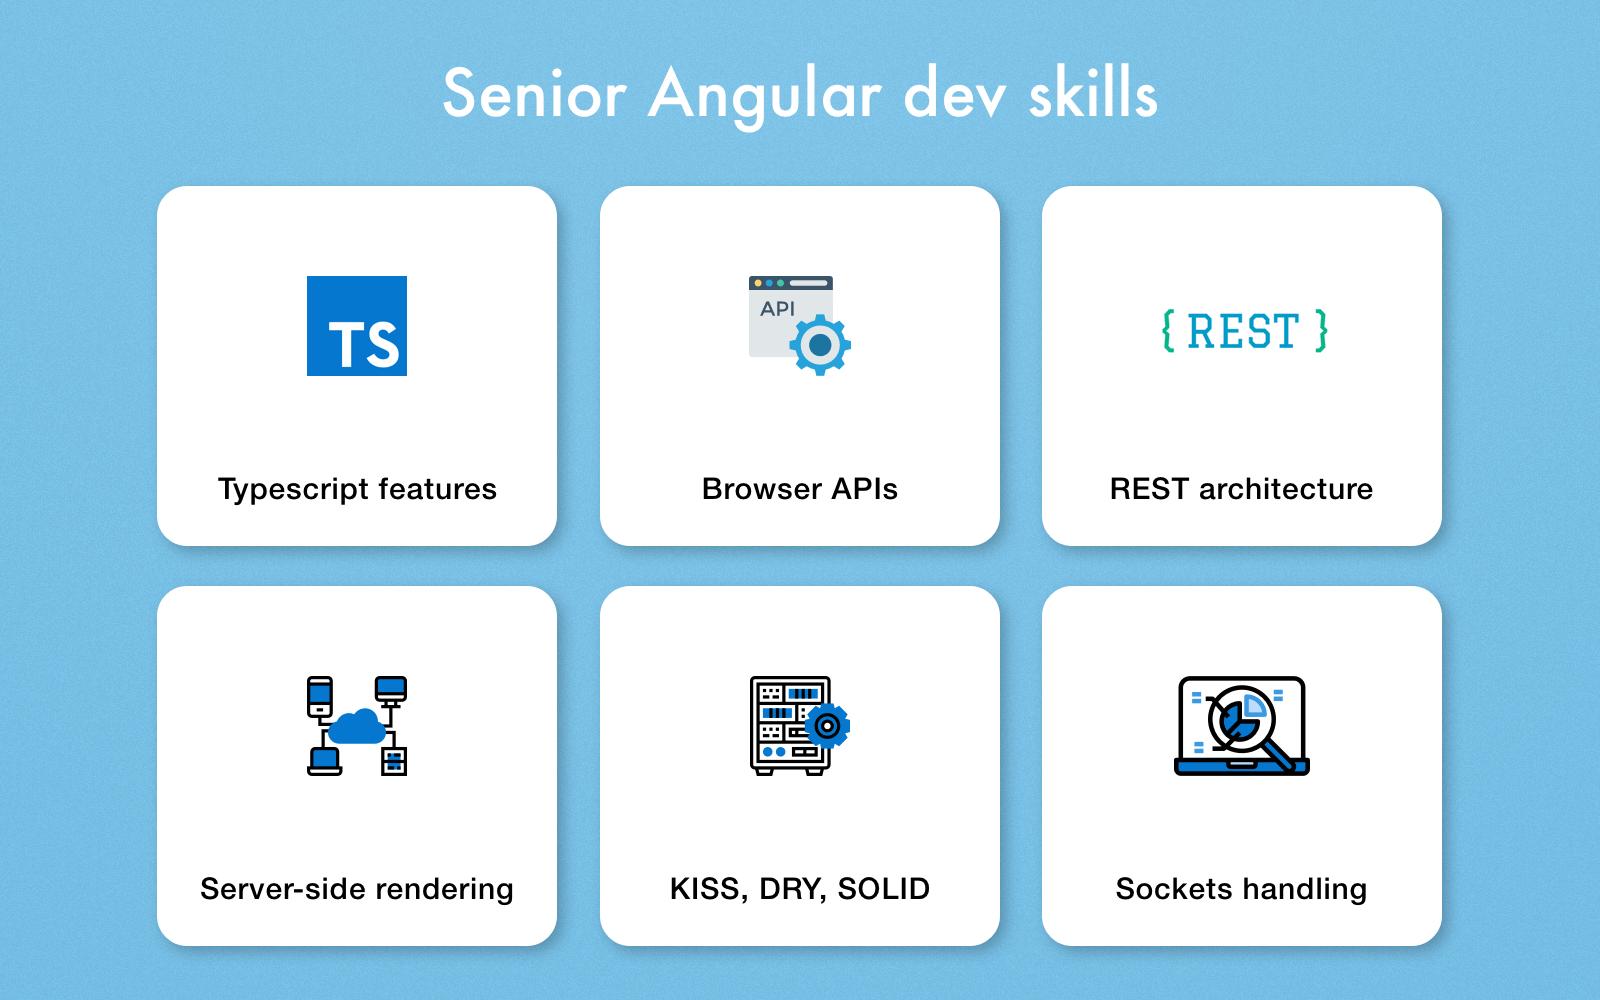 Senior Angular developer